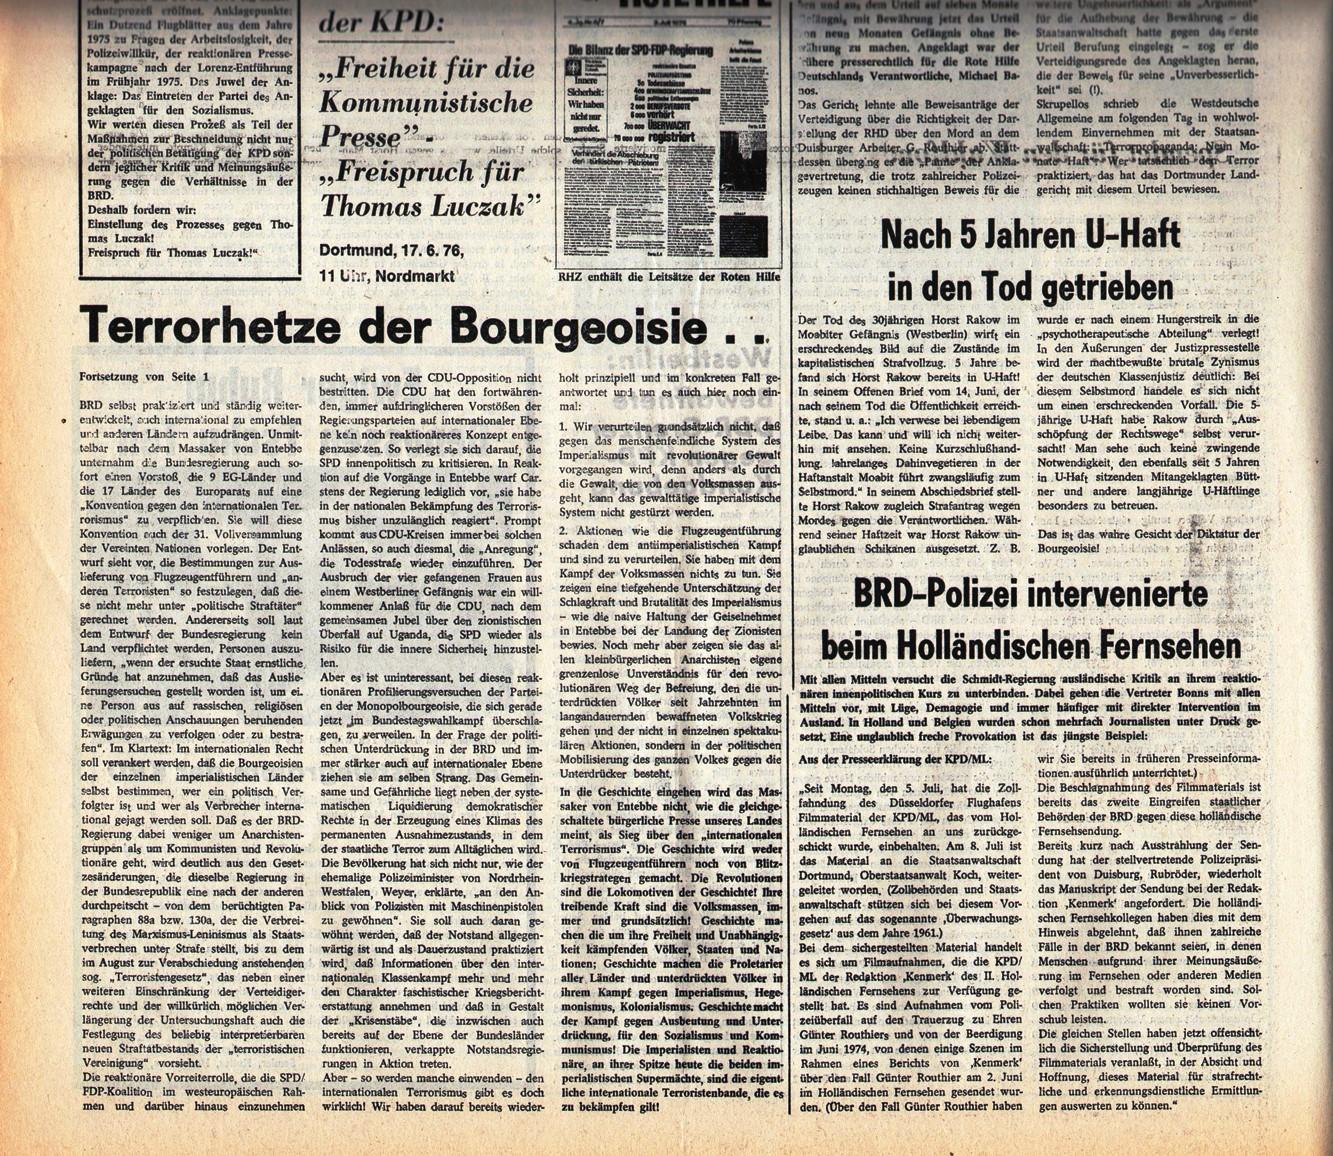 KPD_Rote_Fahne_1976_28_04